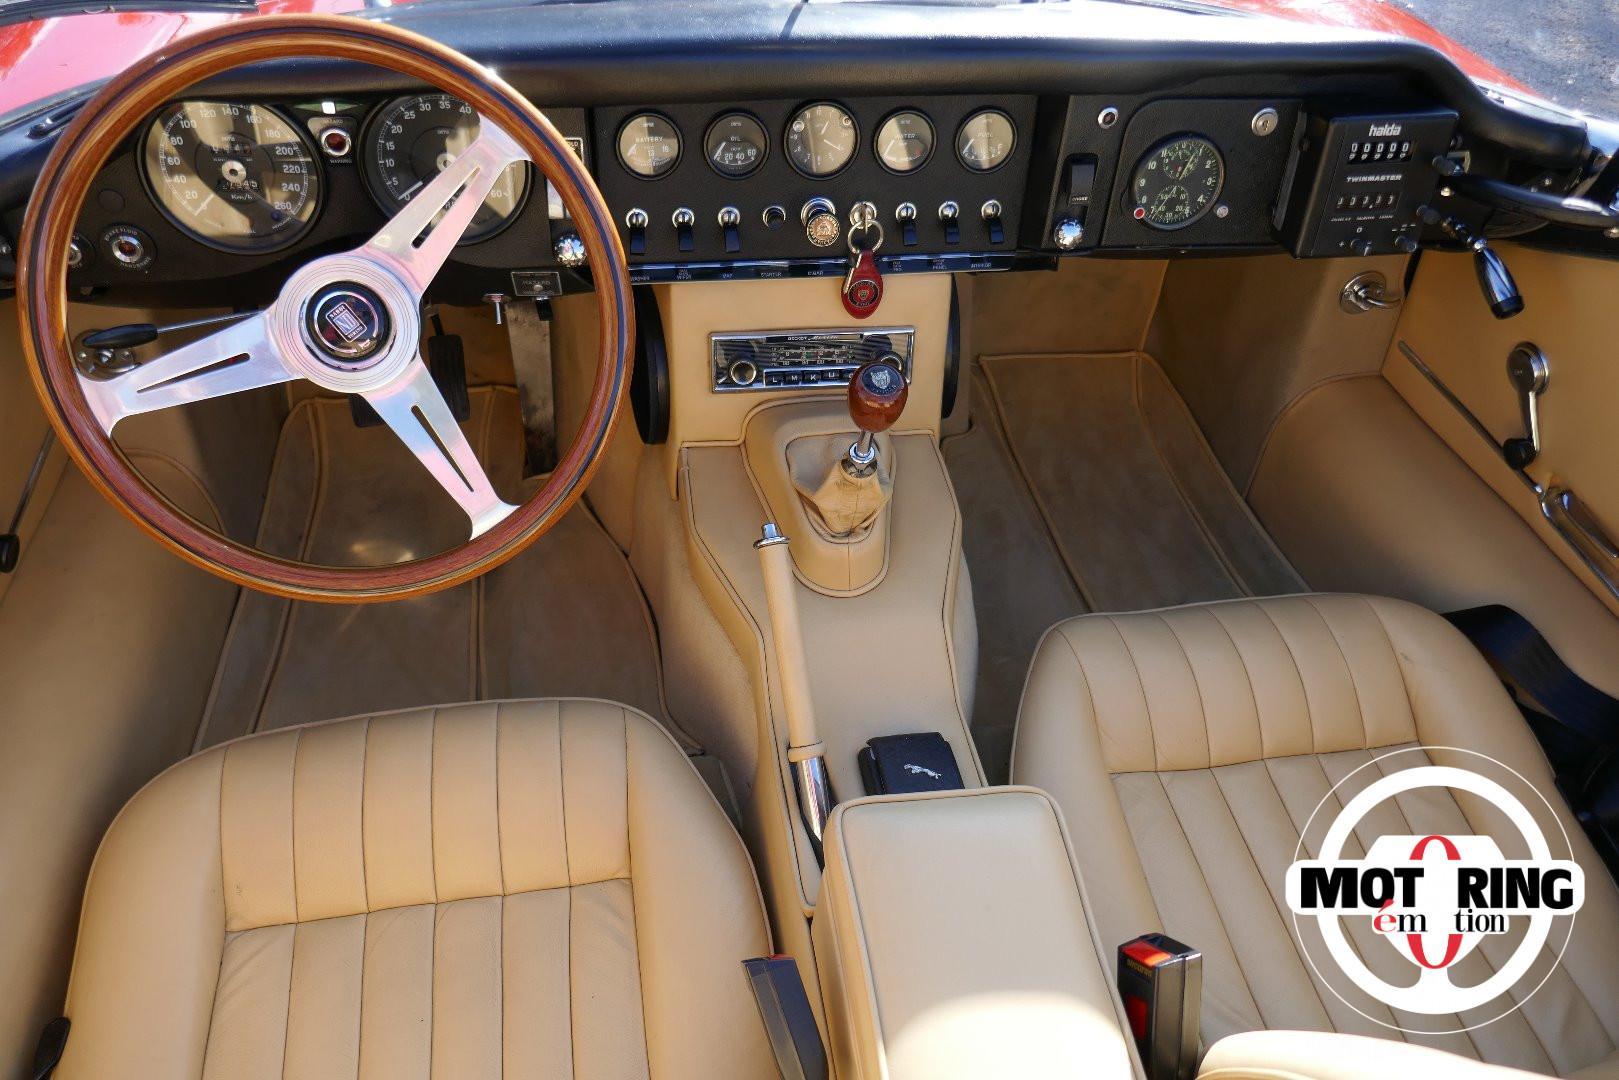 Jaguar à toutes les sauces. - Page 21 14217-jaguar_type_e_serie_1_42_cabriolet_avec_hard_top_1969